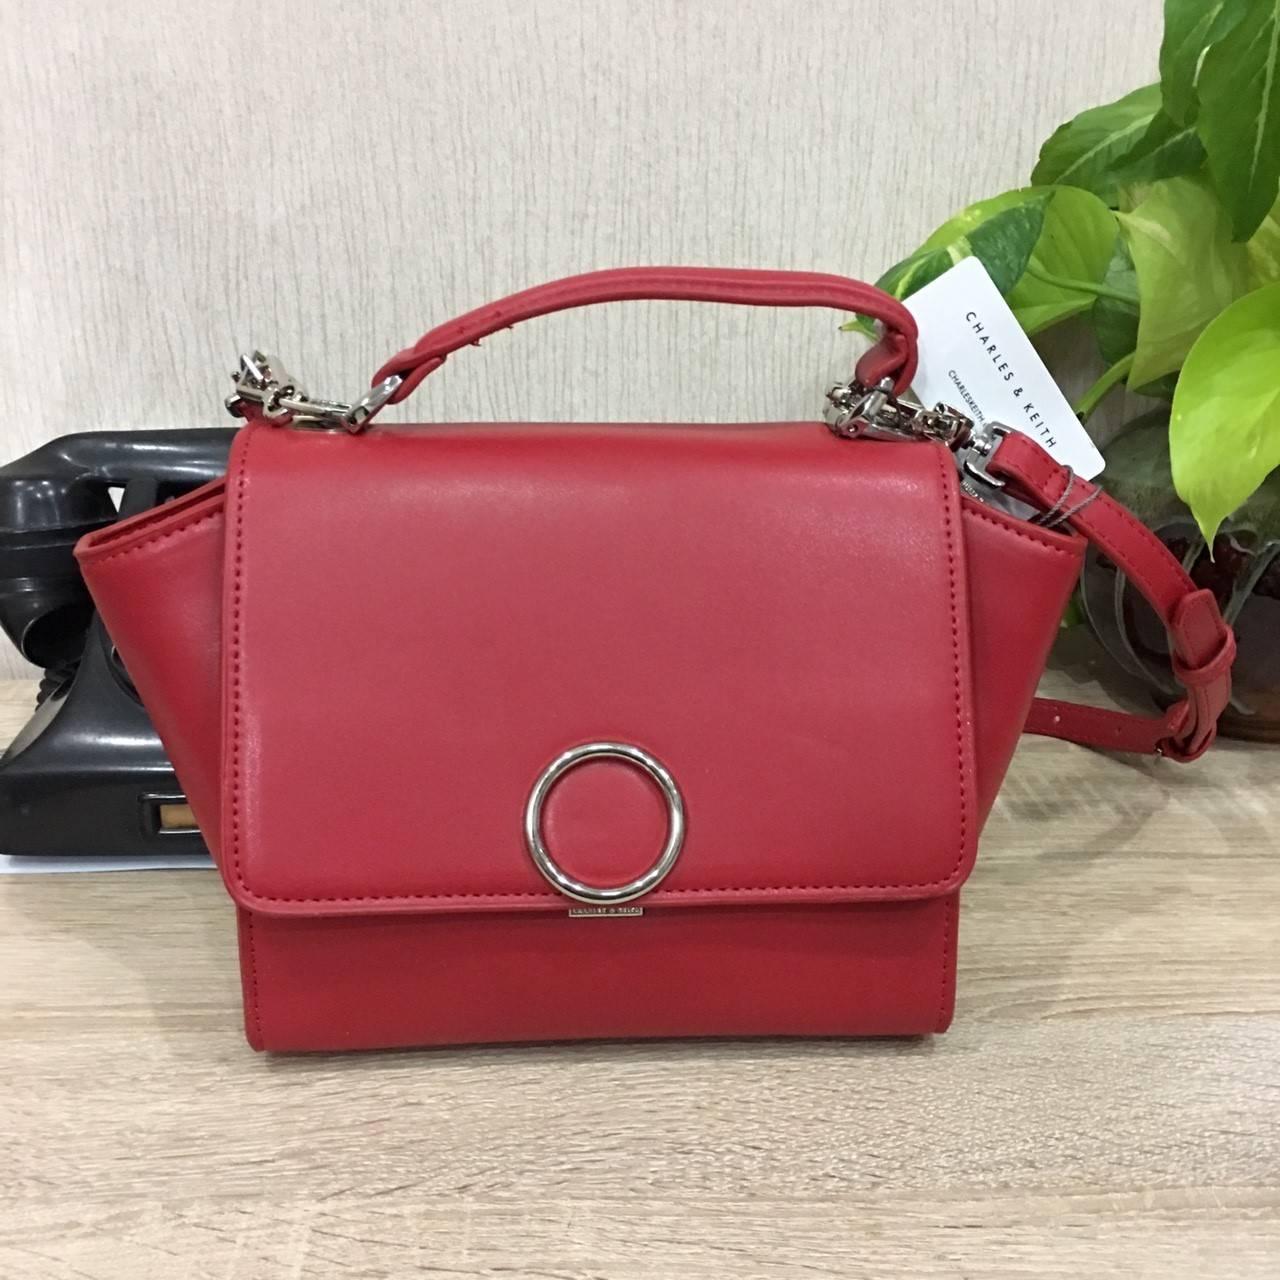 กระเป๋าถือหรือสะพาย CHARLES & KEITH MINI PUSH-LOCK TRAPEZE BAG 2017 สีแดง